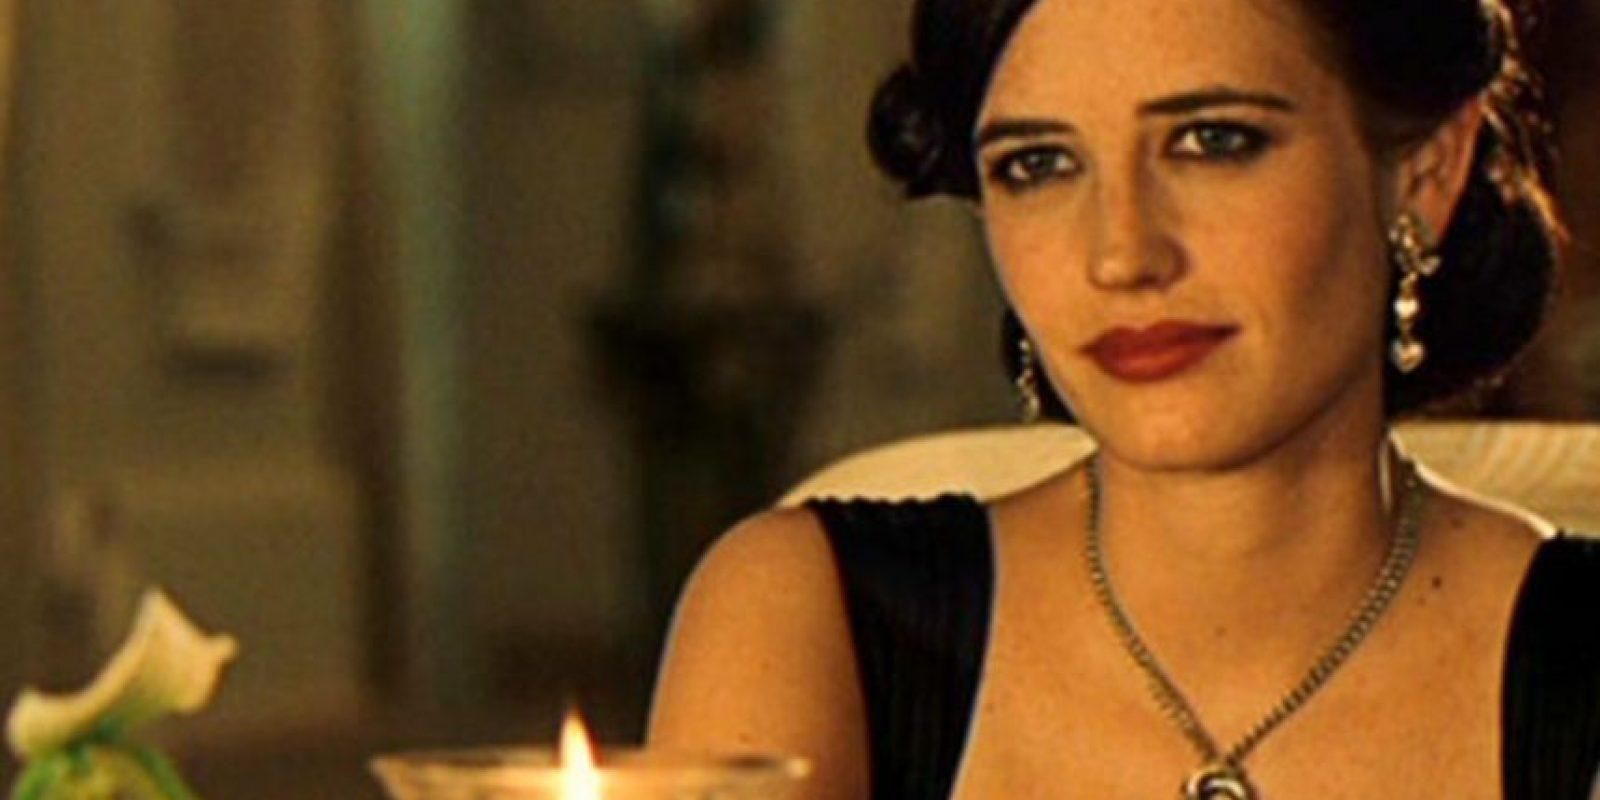 """Eva Green, nacida en Francia, interpretó a Vesper Lynd, quién además de sostener un romance con el agente 007, es la encargada de salvarle la vida en """"Casino Royale"""